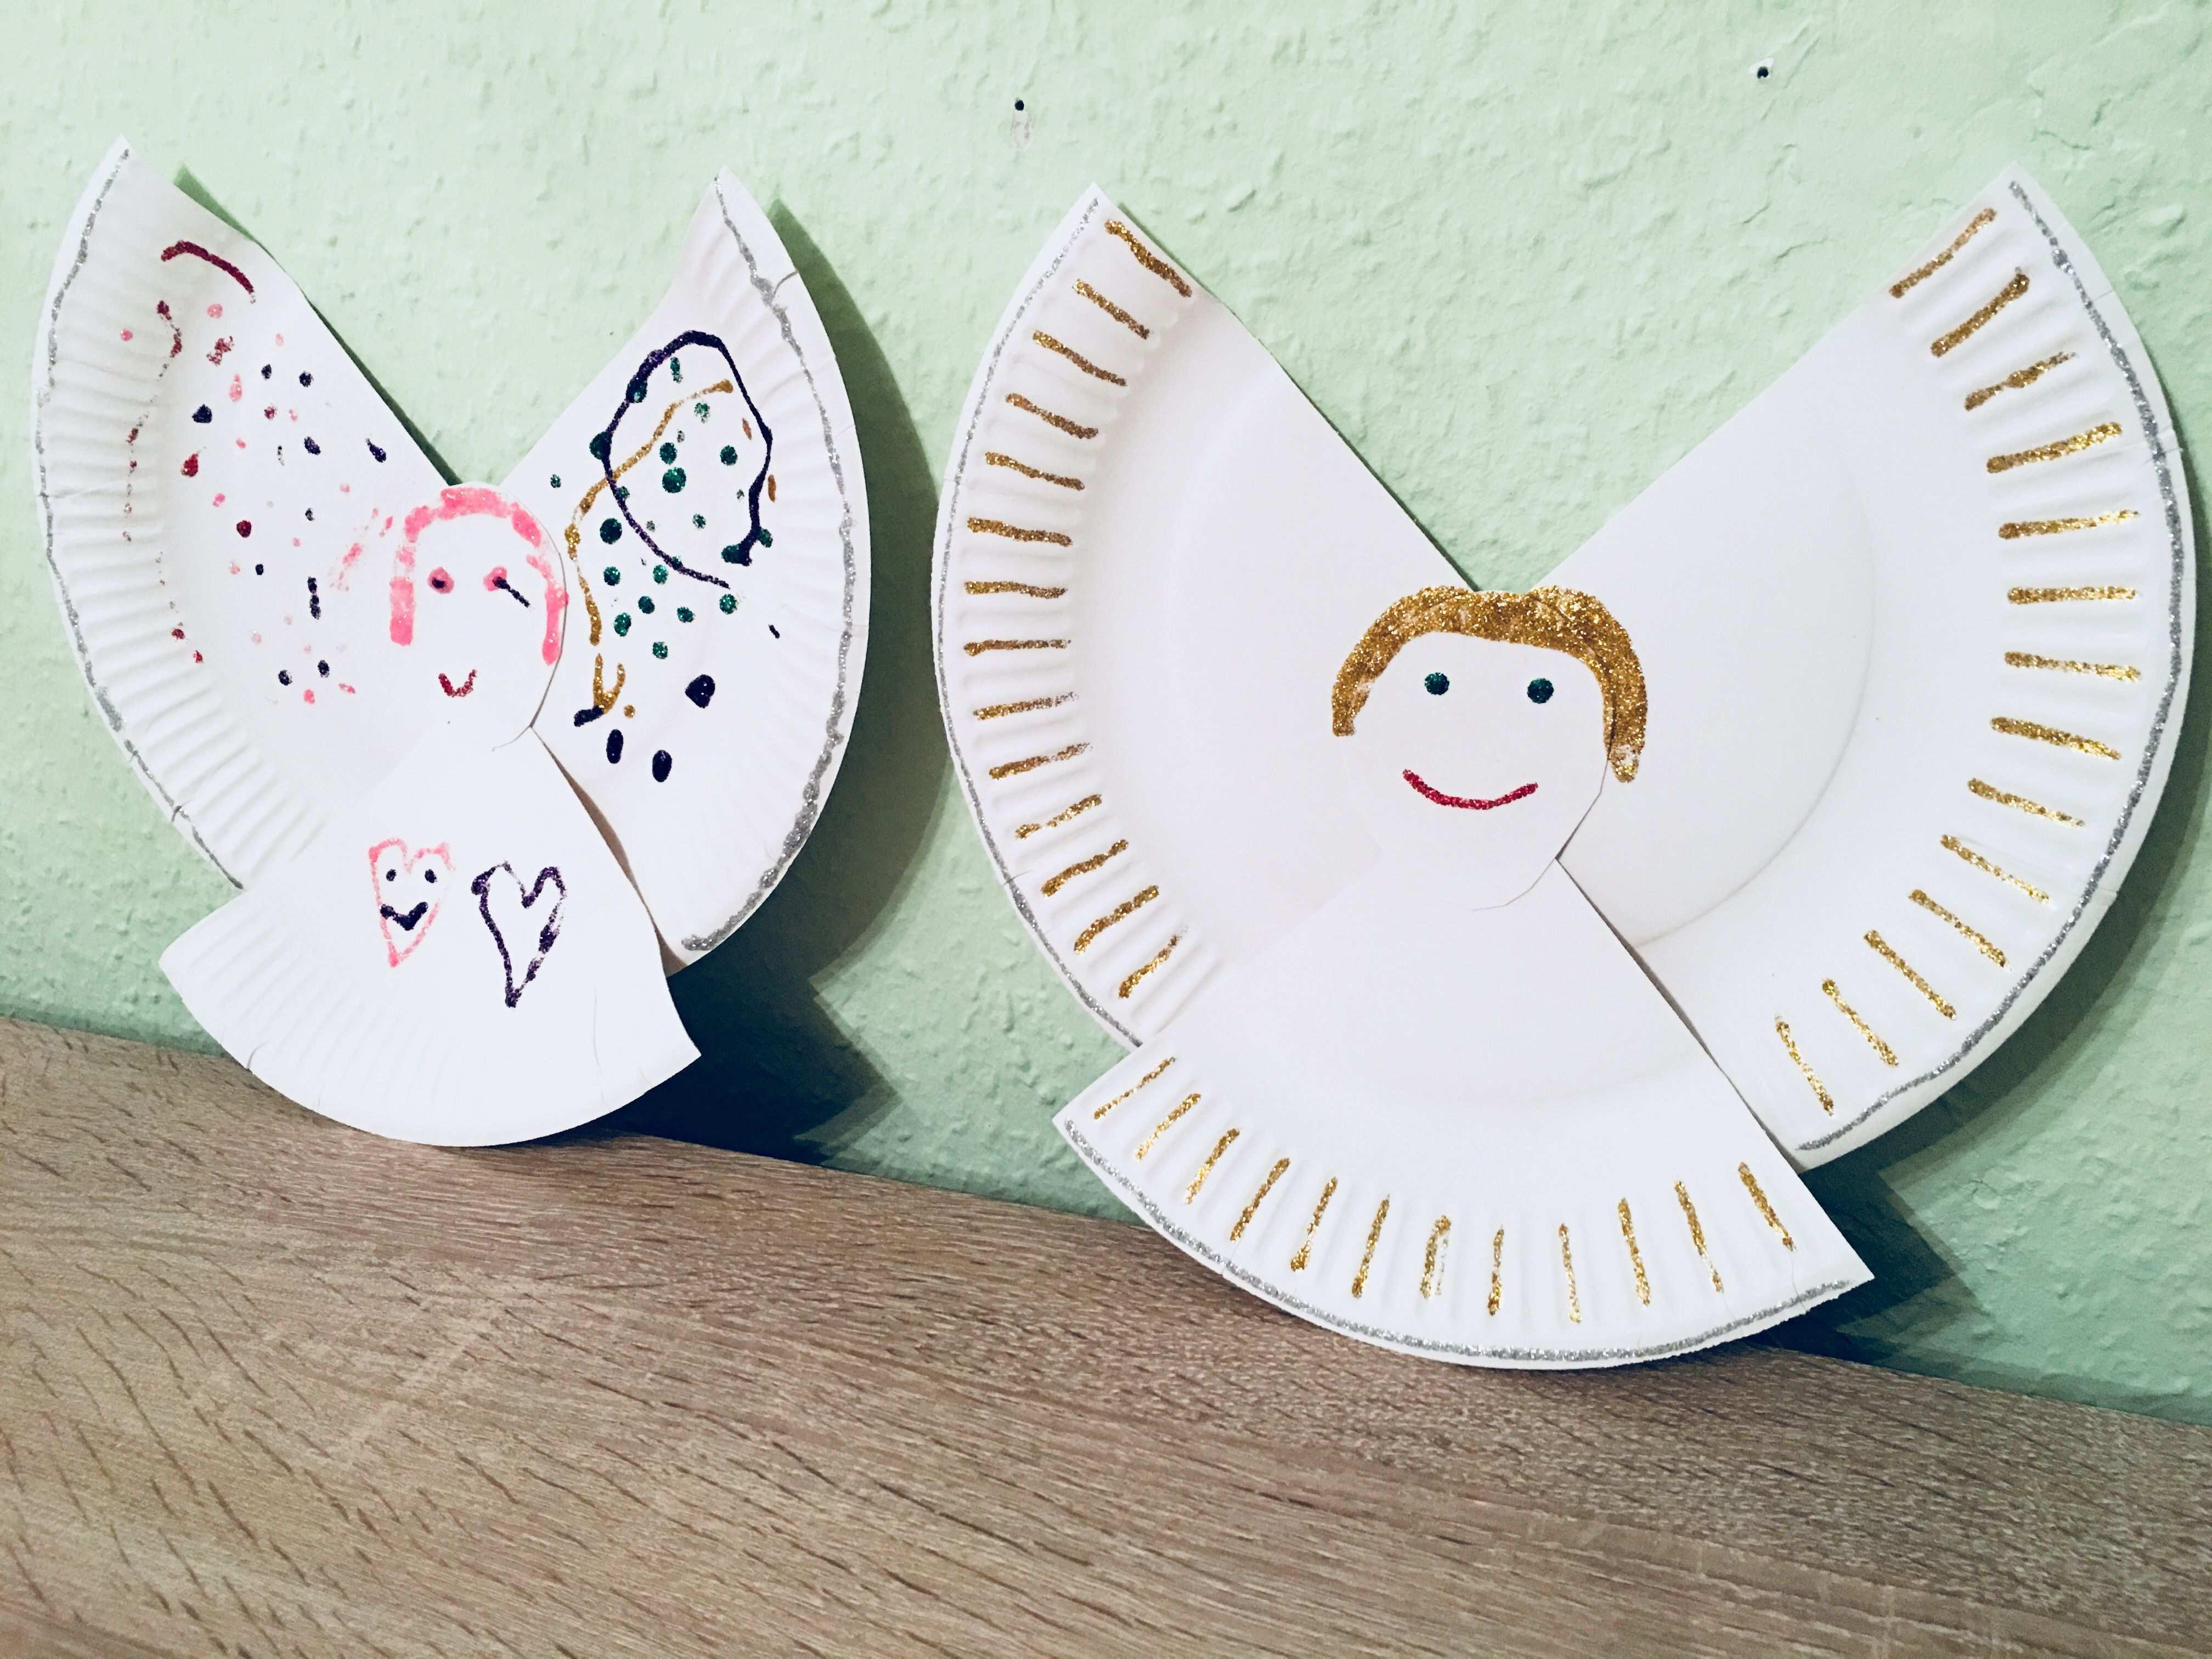 Engel Aus Pappteller Basteln Mit Kindern Der Familienblog Fur Kreative Elter Sterne Basteln Mit Kindern Basteln Weihnachten Basteln Mit Kindern Weihnachten